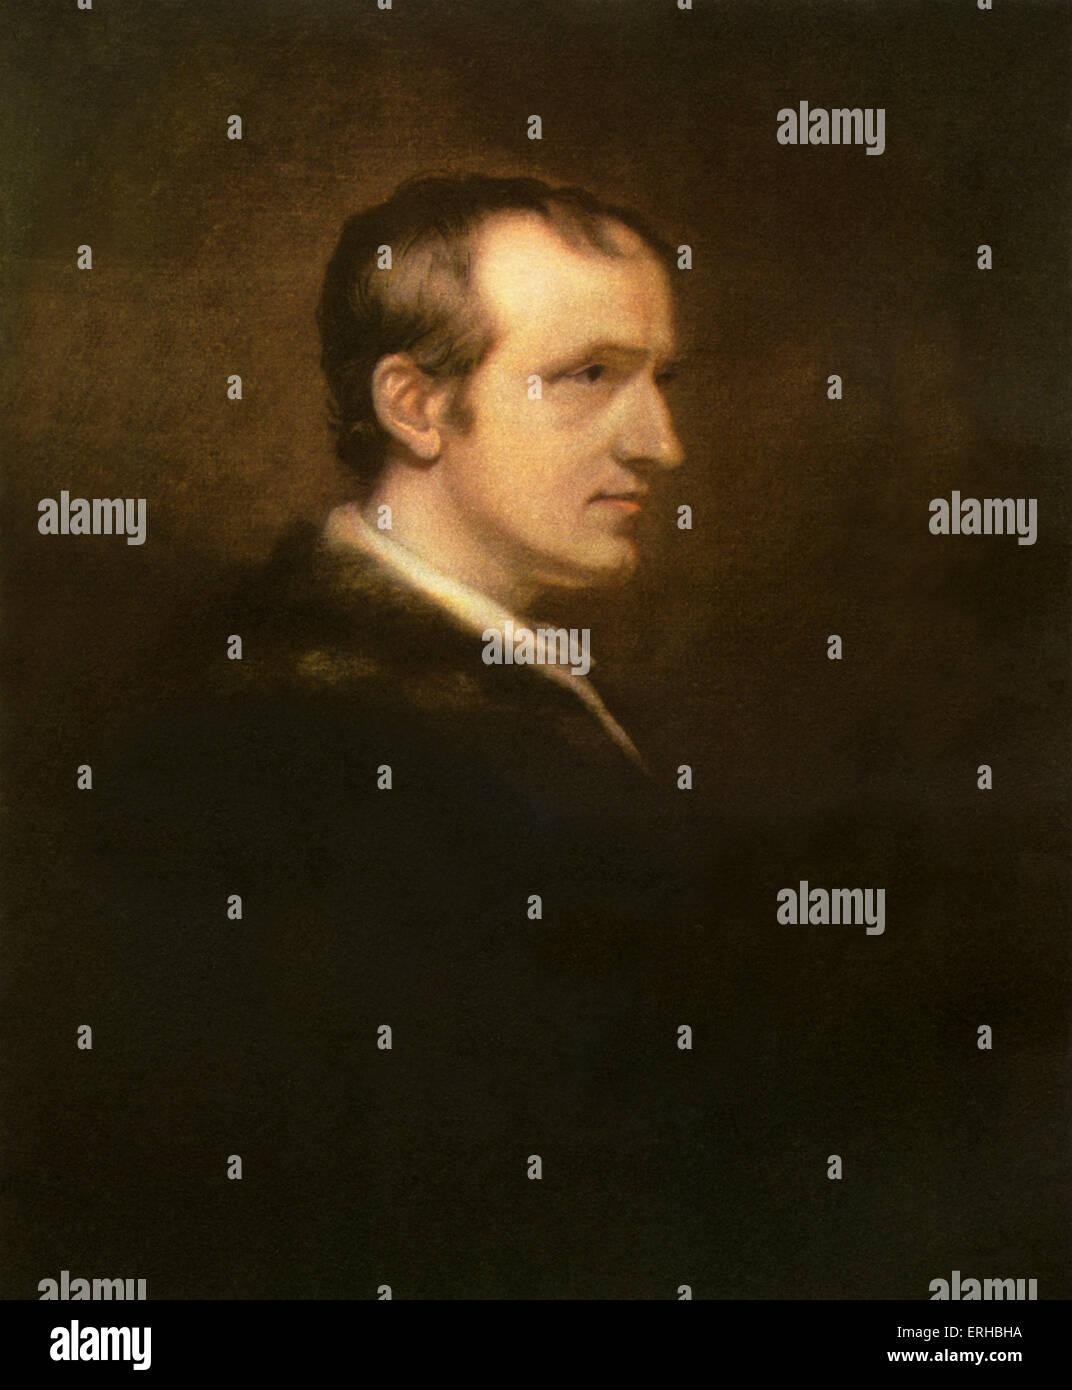 William Godwin - dopo la pittura di olio da William Godwin. Politico inglese e un romanziere, scrittore 3 Marzo Immagini Stock